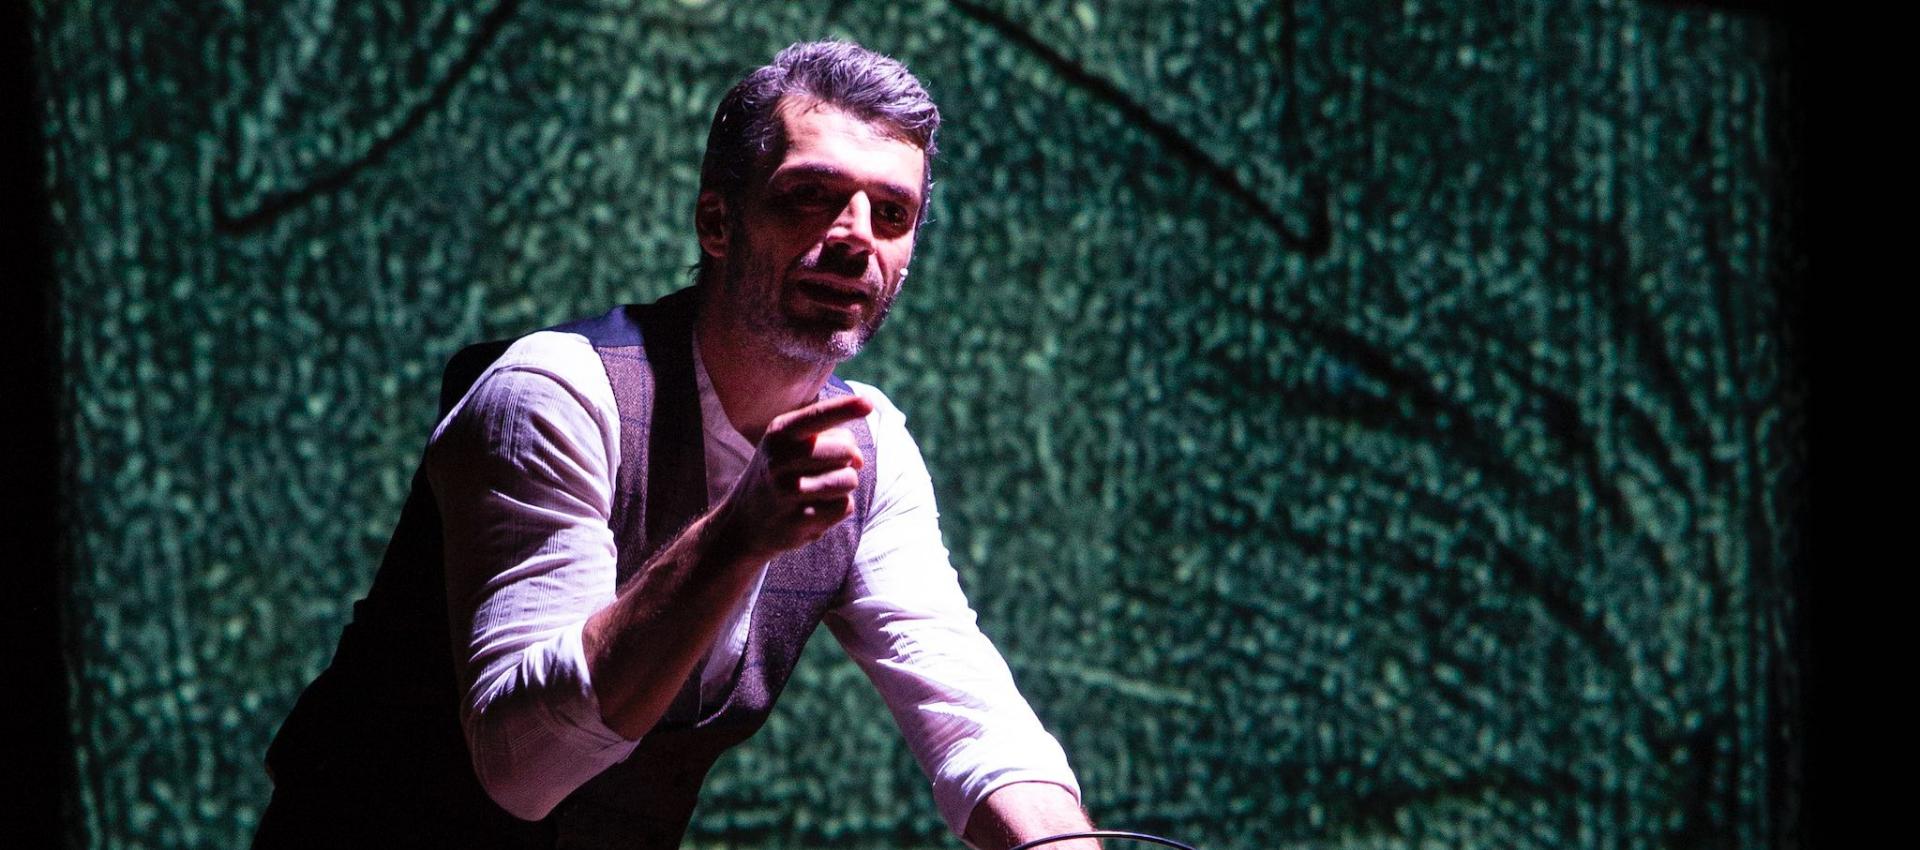 Luca Argentero - E' questa la vita che sognavo da bambino